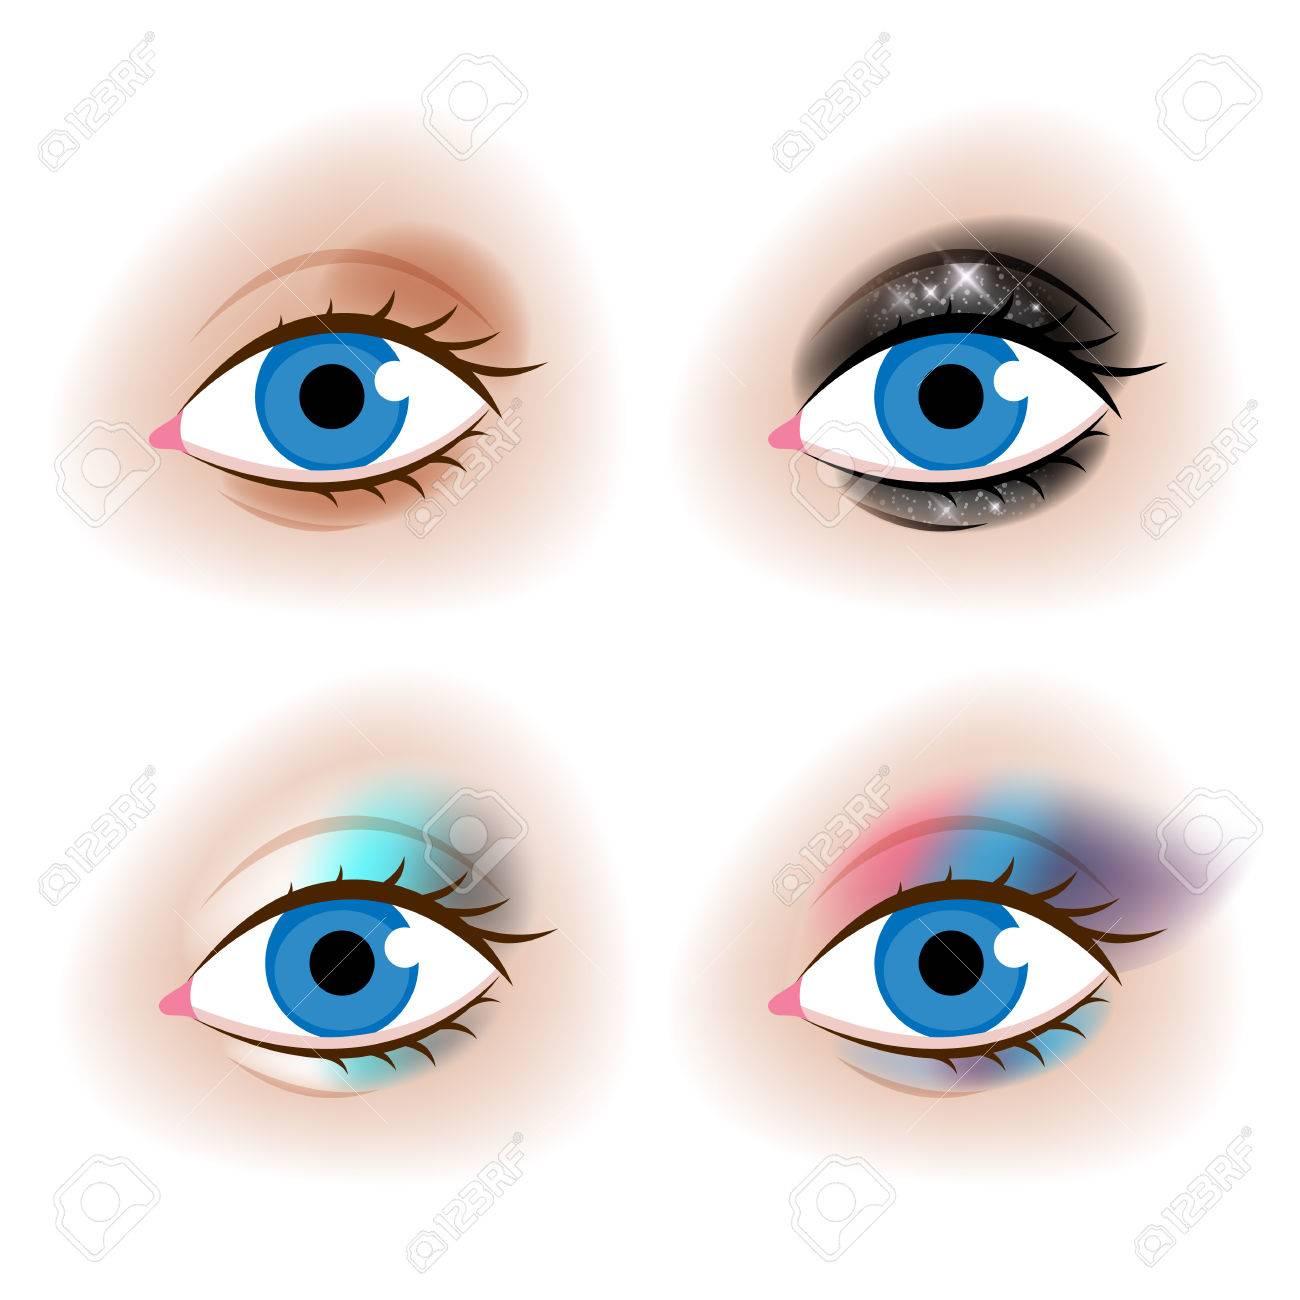 リアルな女性の目はベクトル イラストですチュートリアル デザイン